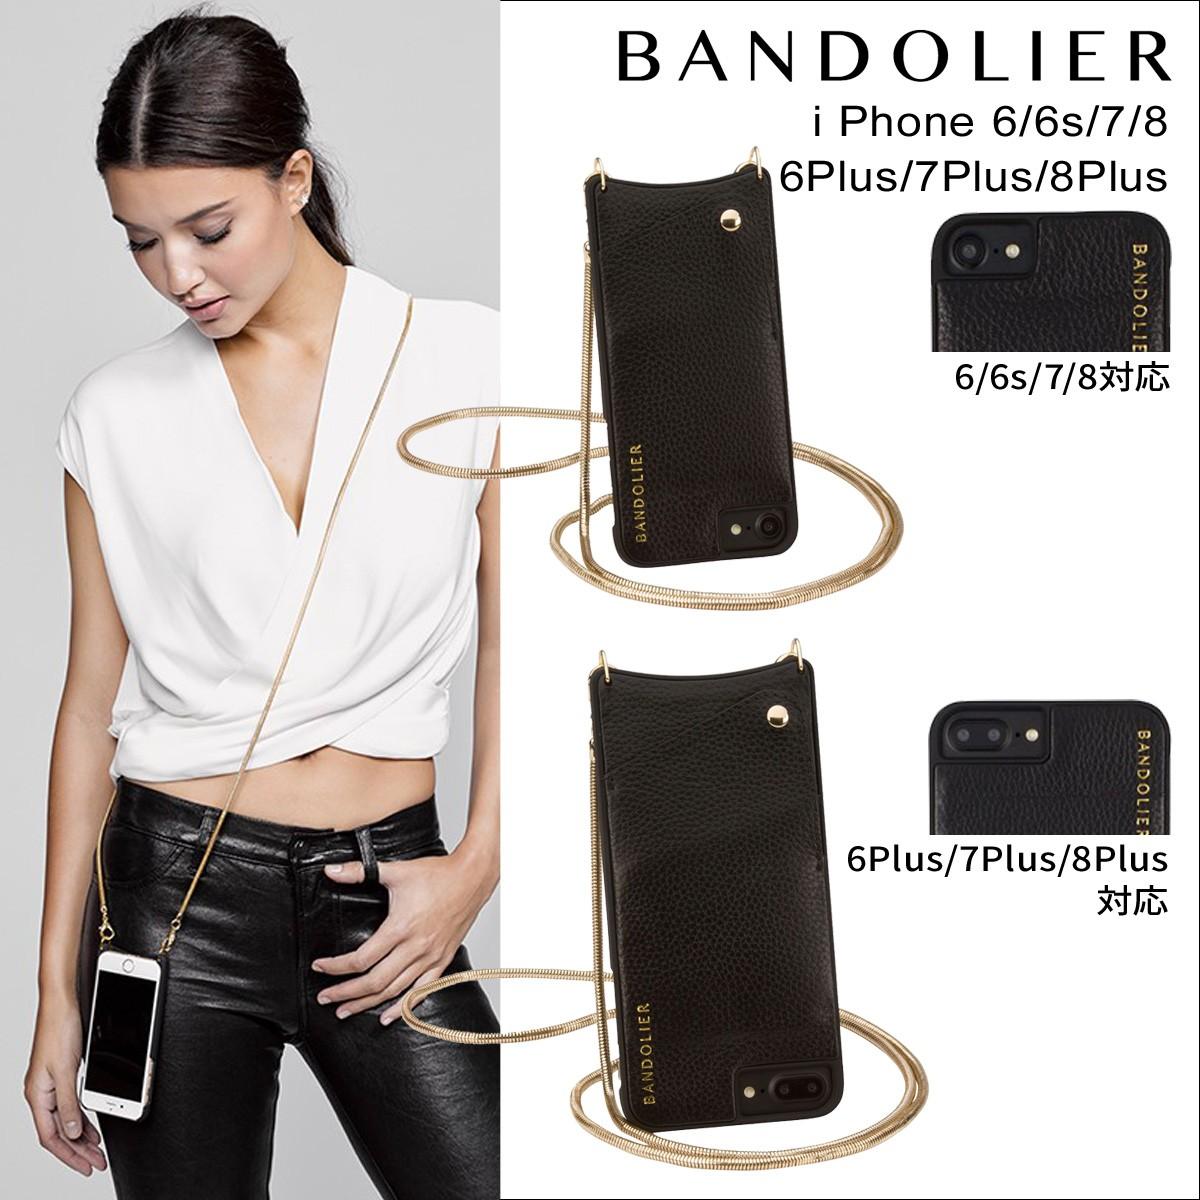 BANDOLIER バンドリヤー iPhone7 7Plus 6s ケース スマホ アイフォン プラス レザー メンズ レディース [9/5 新入荷]